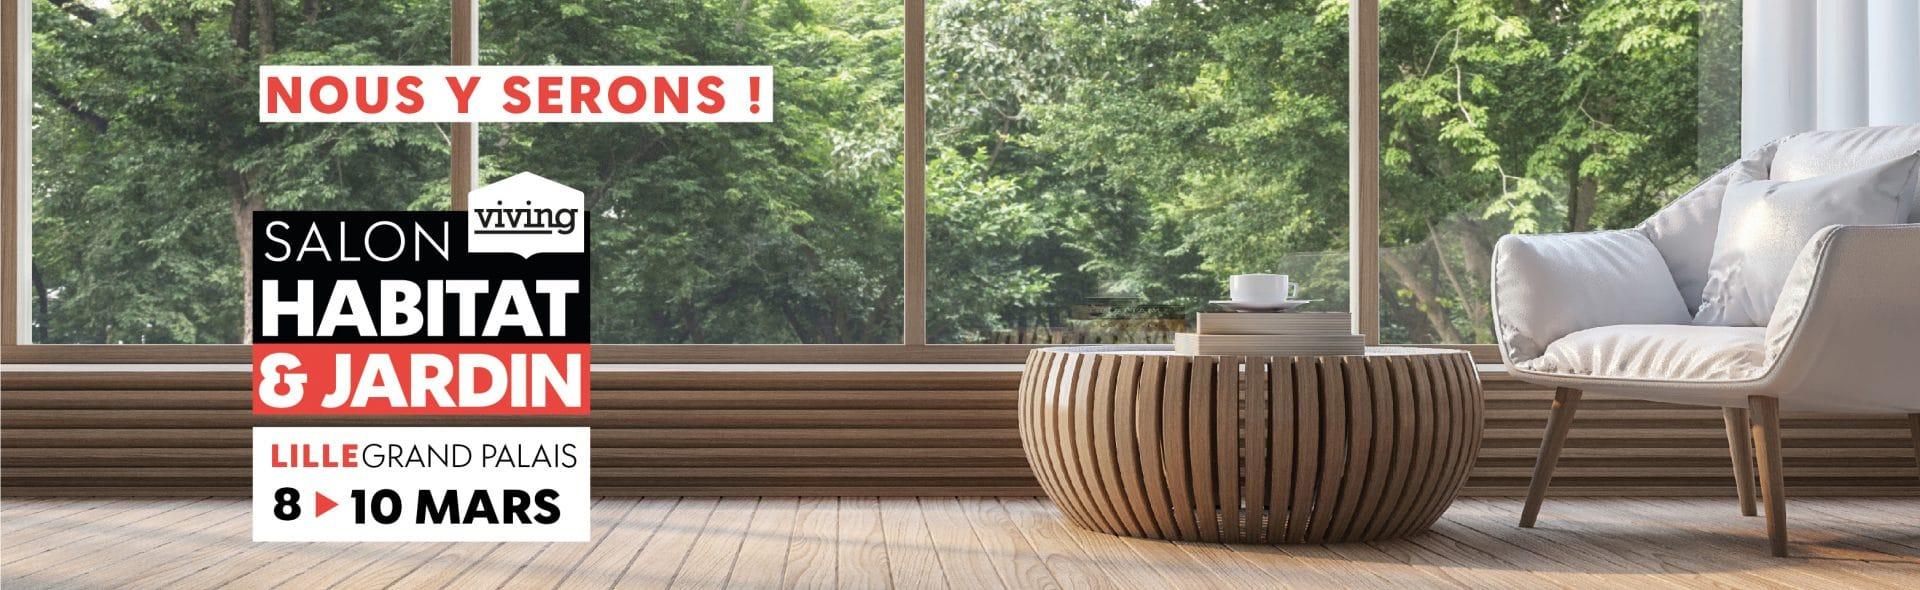 illiCO travaux Lille au Salon Habitat & Jardin Viving Lille 2019